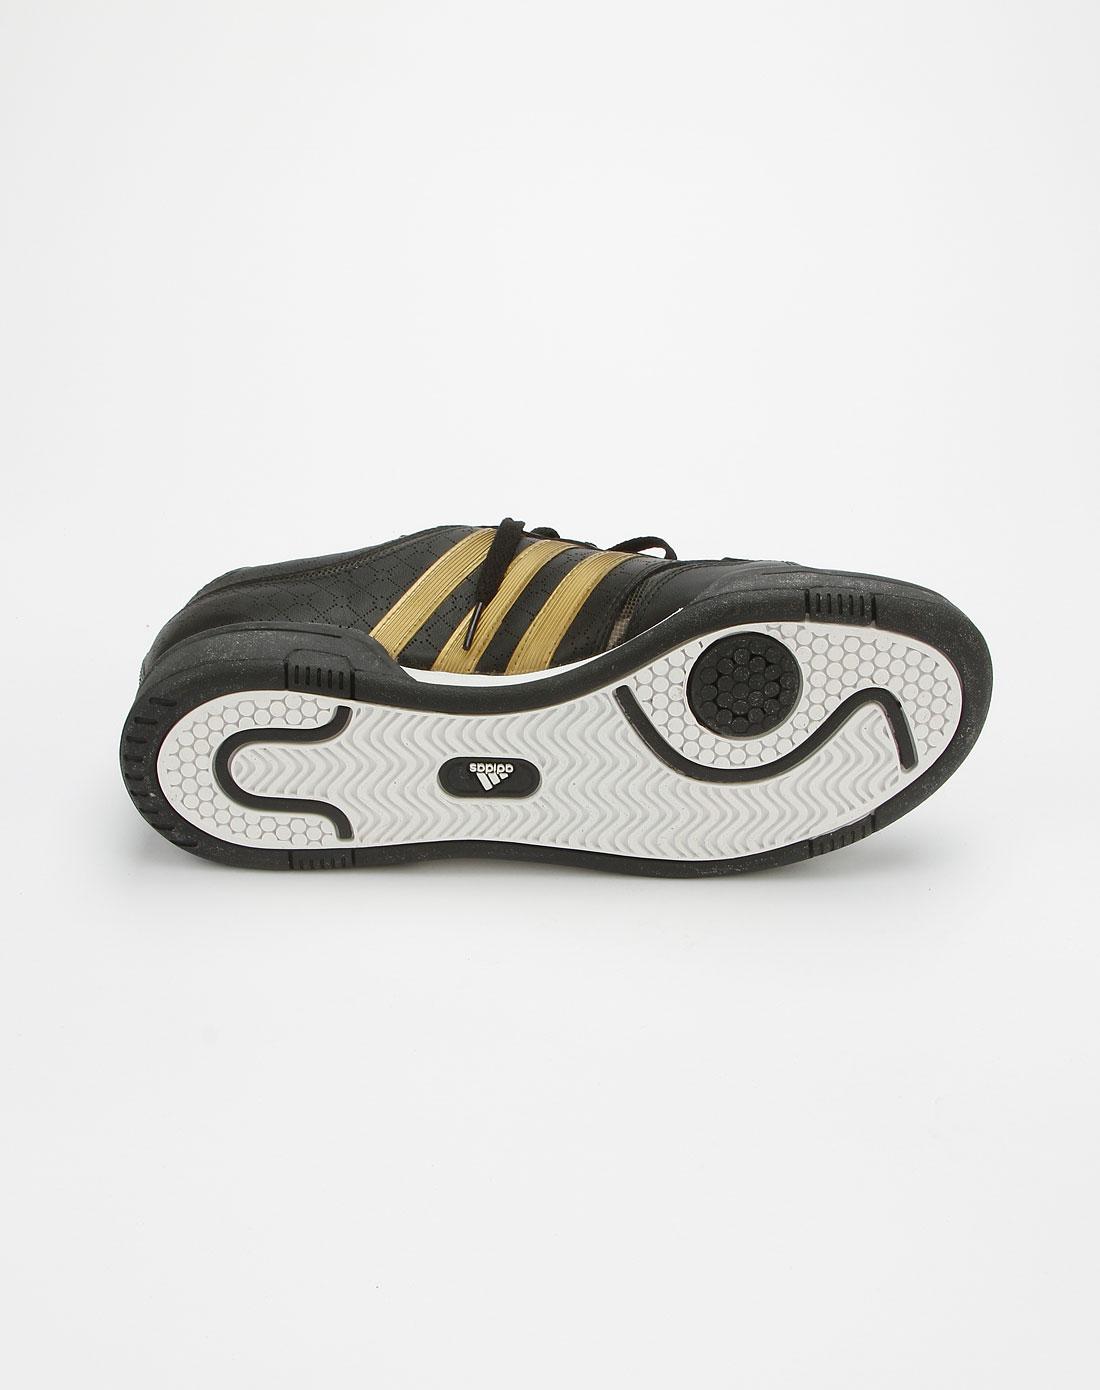 阿迪达斯adidas黑撞金色经典网球鞋g42102